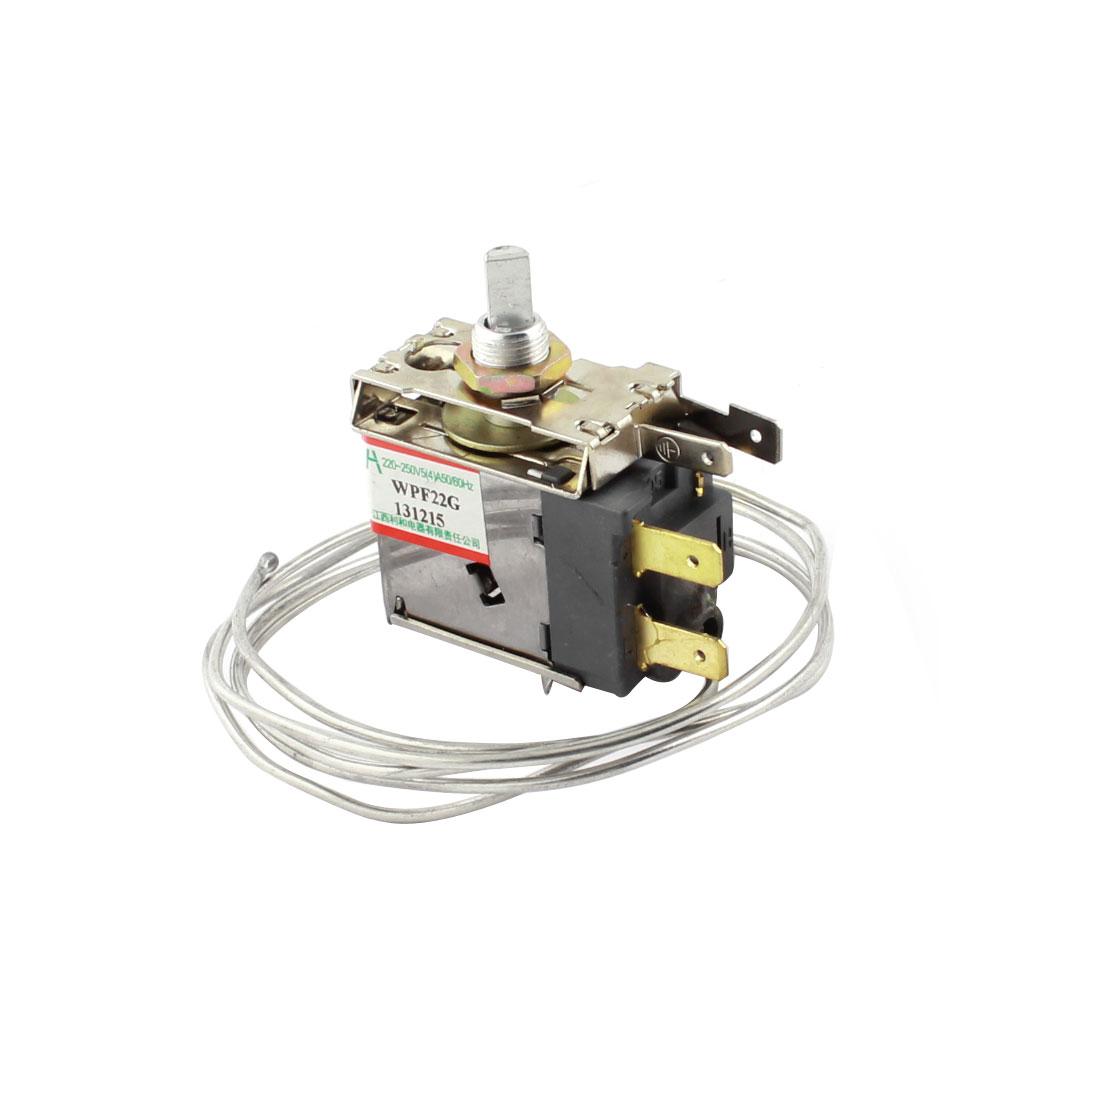 Refrigerators AC 220-250V 5(4)A 50/60HZ Refrigeration Temperature Controller WPF22G